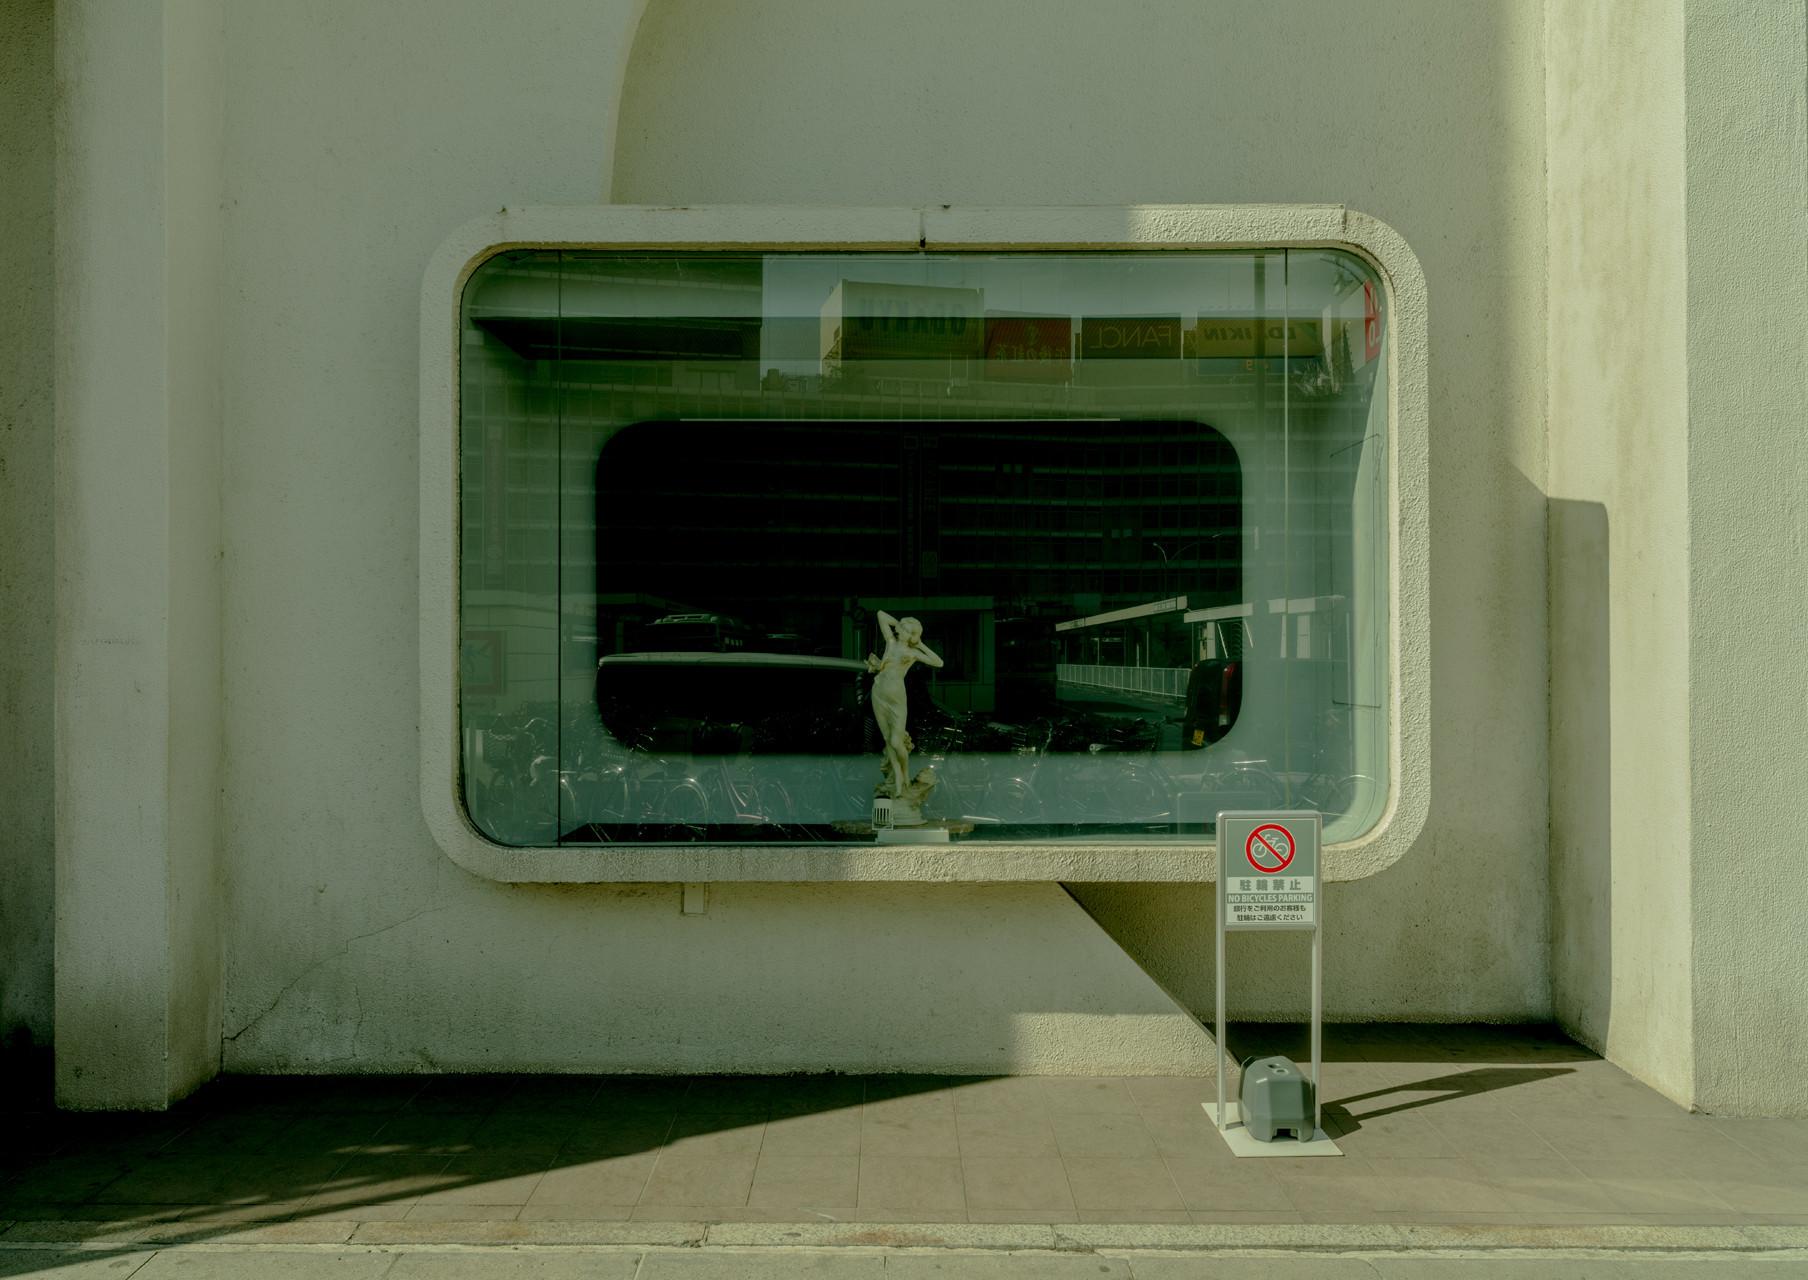 STREET-PHOTOGRAPHY-17-JUANMI-MARQUEZ-1761x1280-1761x1280